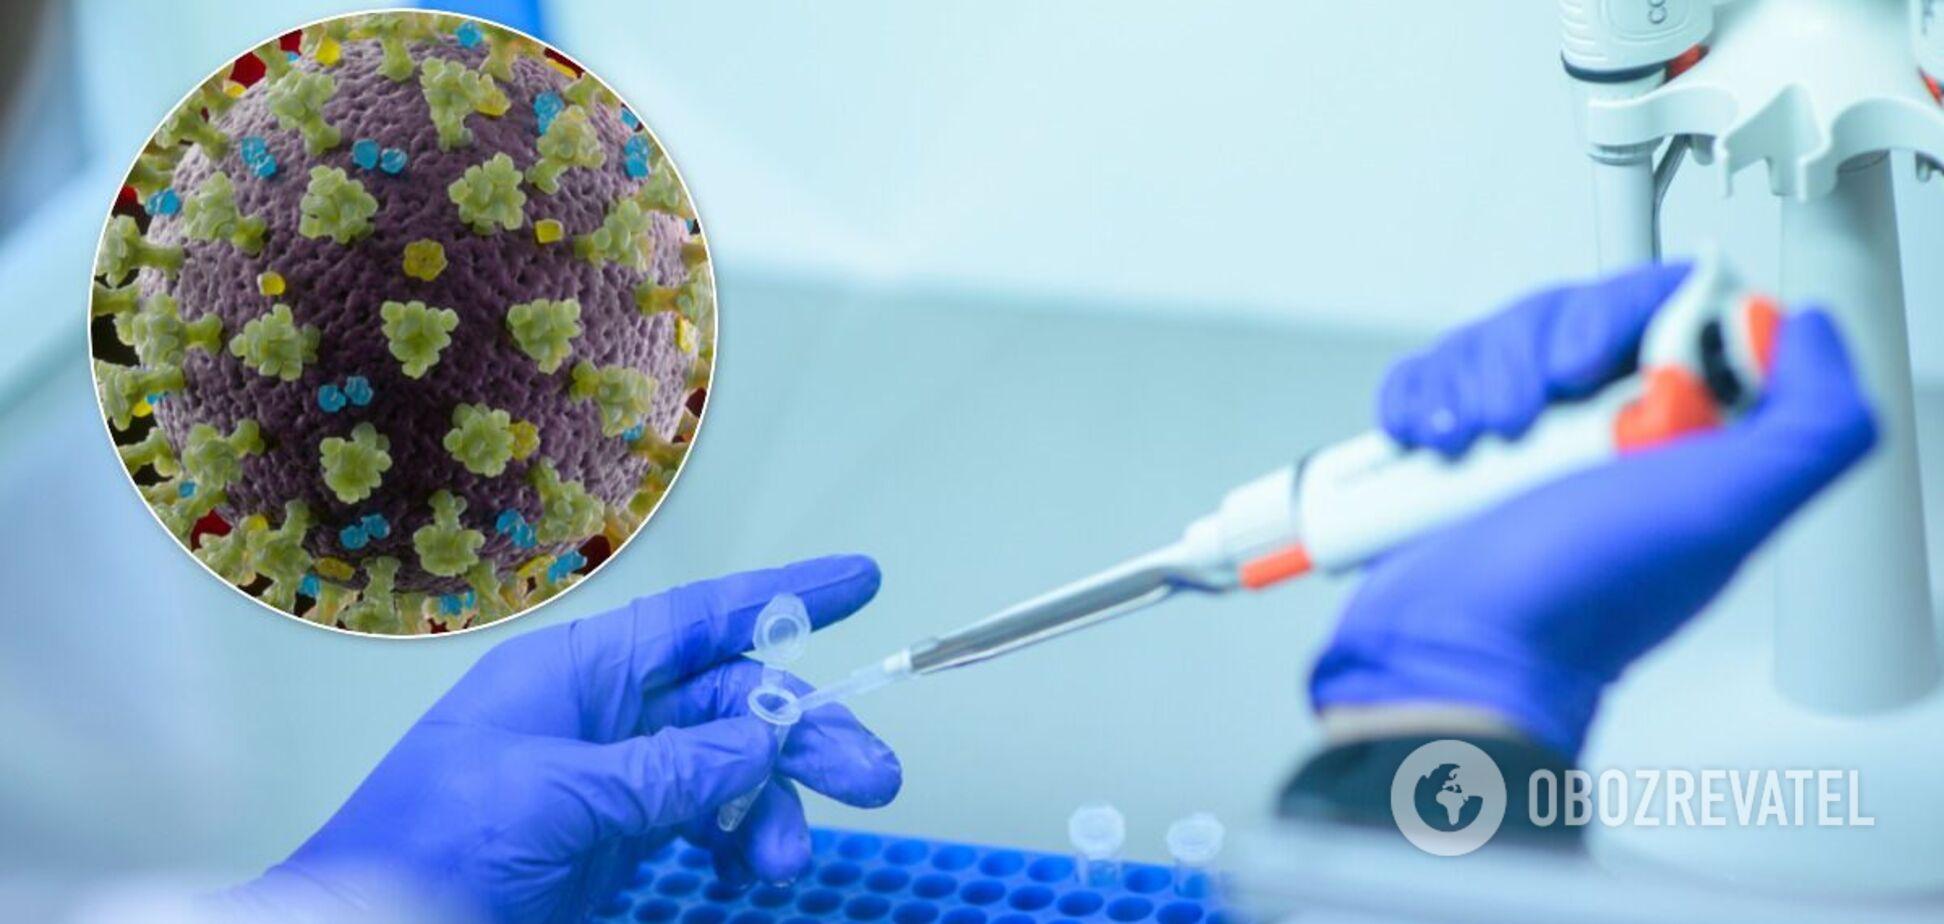 Коронавірус може спричинити тяжкі ускладення